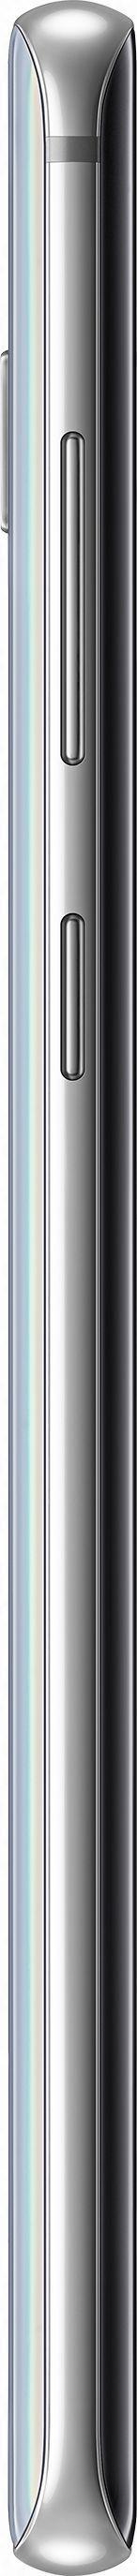 Samsung Galaxy S10+ 6.4